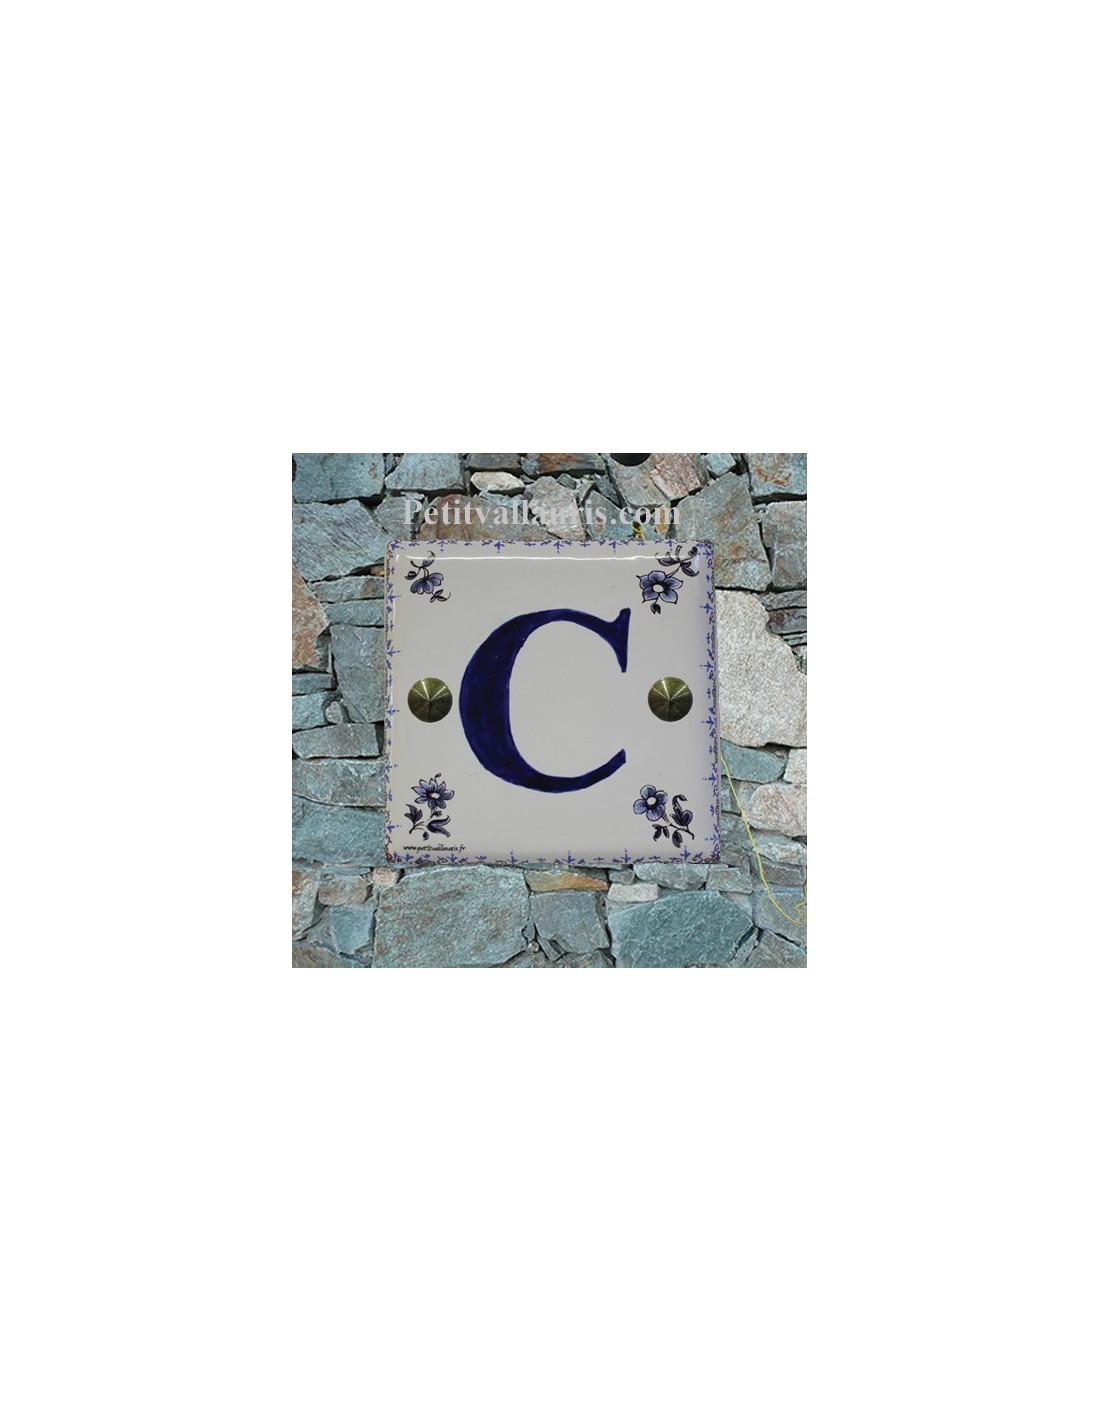 d coration lettre sur plaque de maison en faience motif tradition bleu le petit vallauris. Black Bedroom Furniture Sets. Home Design Ideas